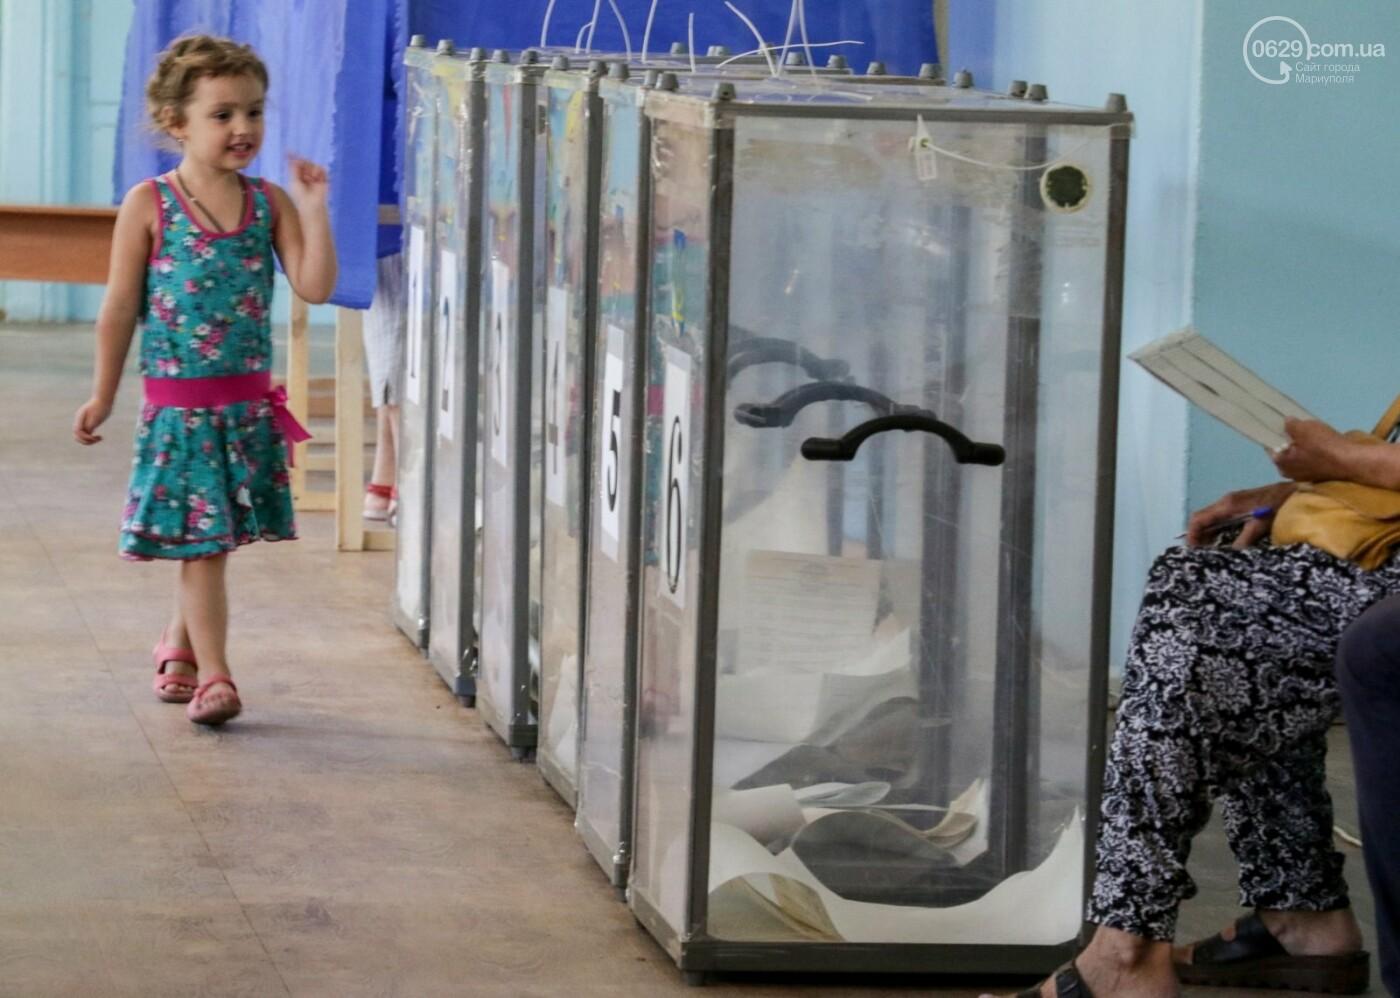 Как бабушки и дедушки будущее Украины выбирали, пока молодежь загорала на пляже, - ФОТОРЕПОРТАЖ, фото-16